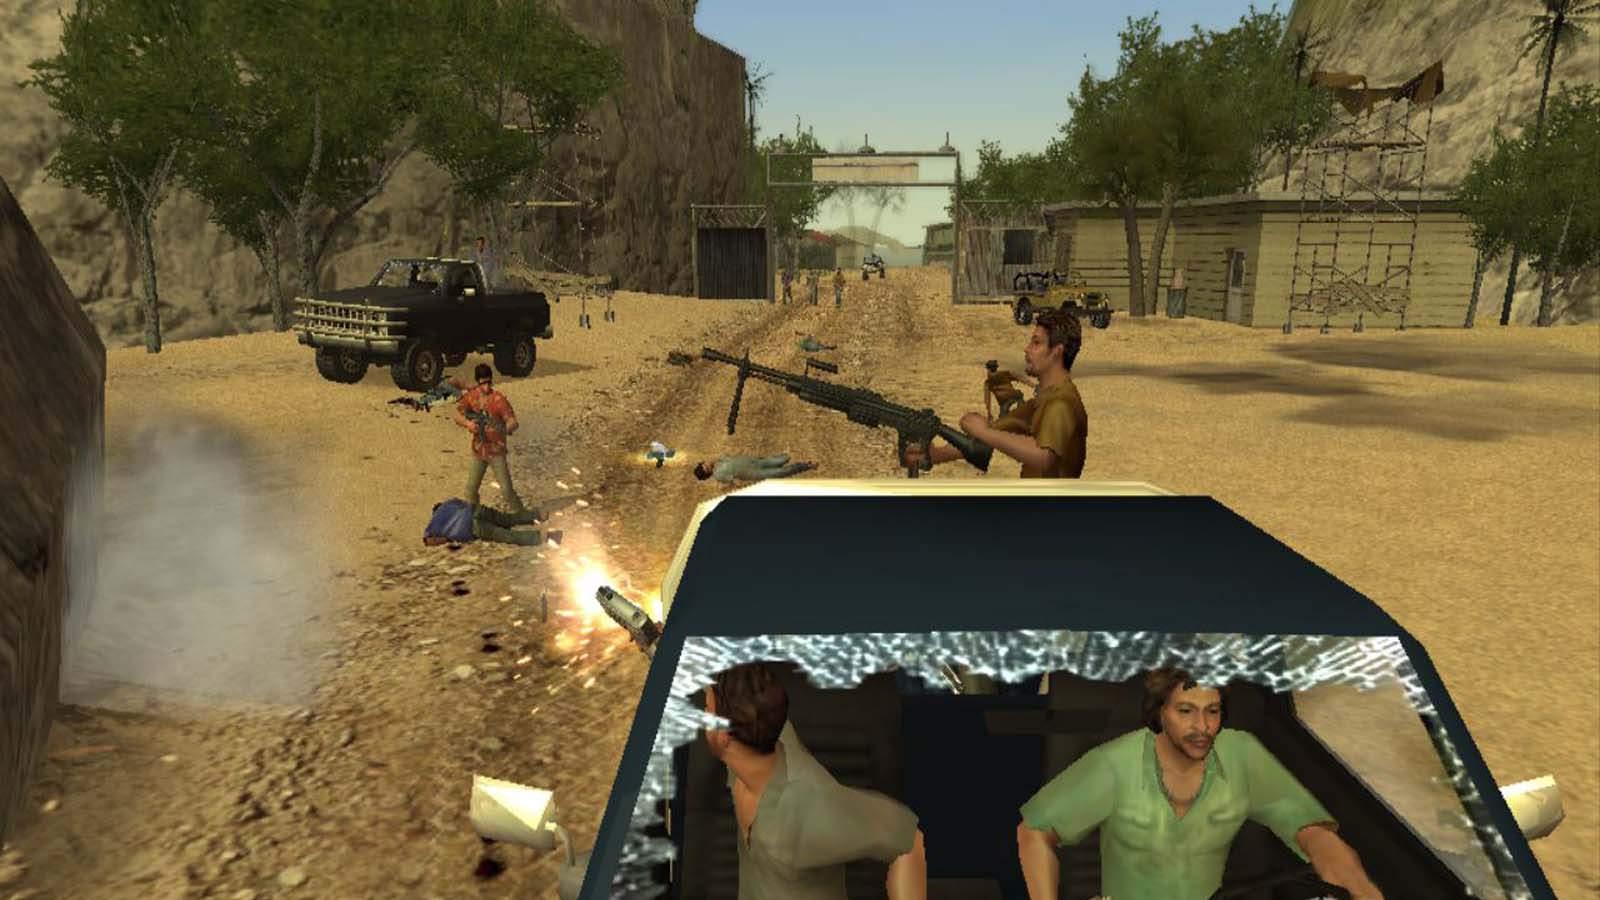 تحميل لعبة Scarface مضغوطة برابط واحد مباشر كاملة مجانا